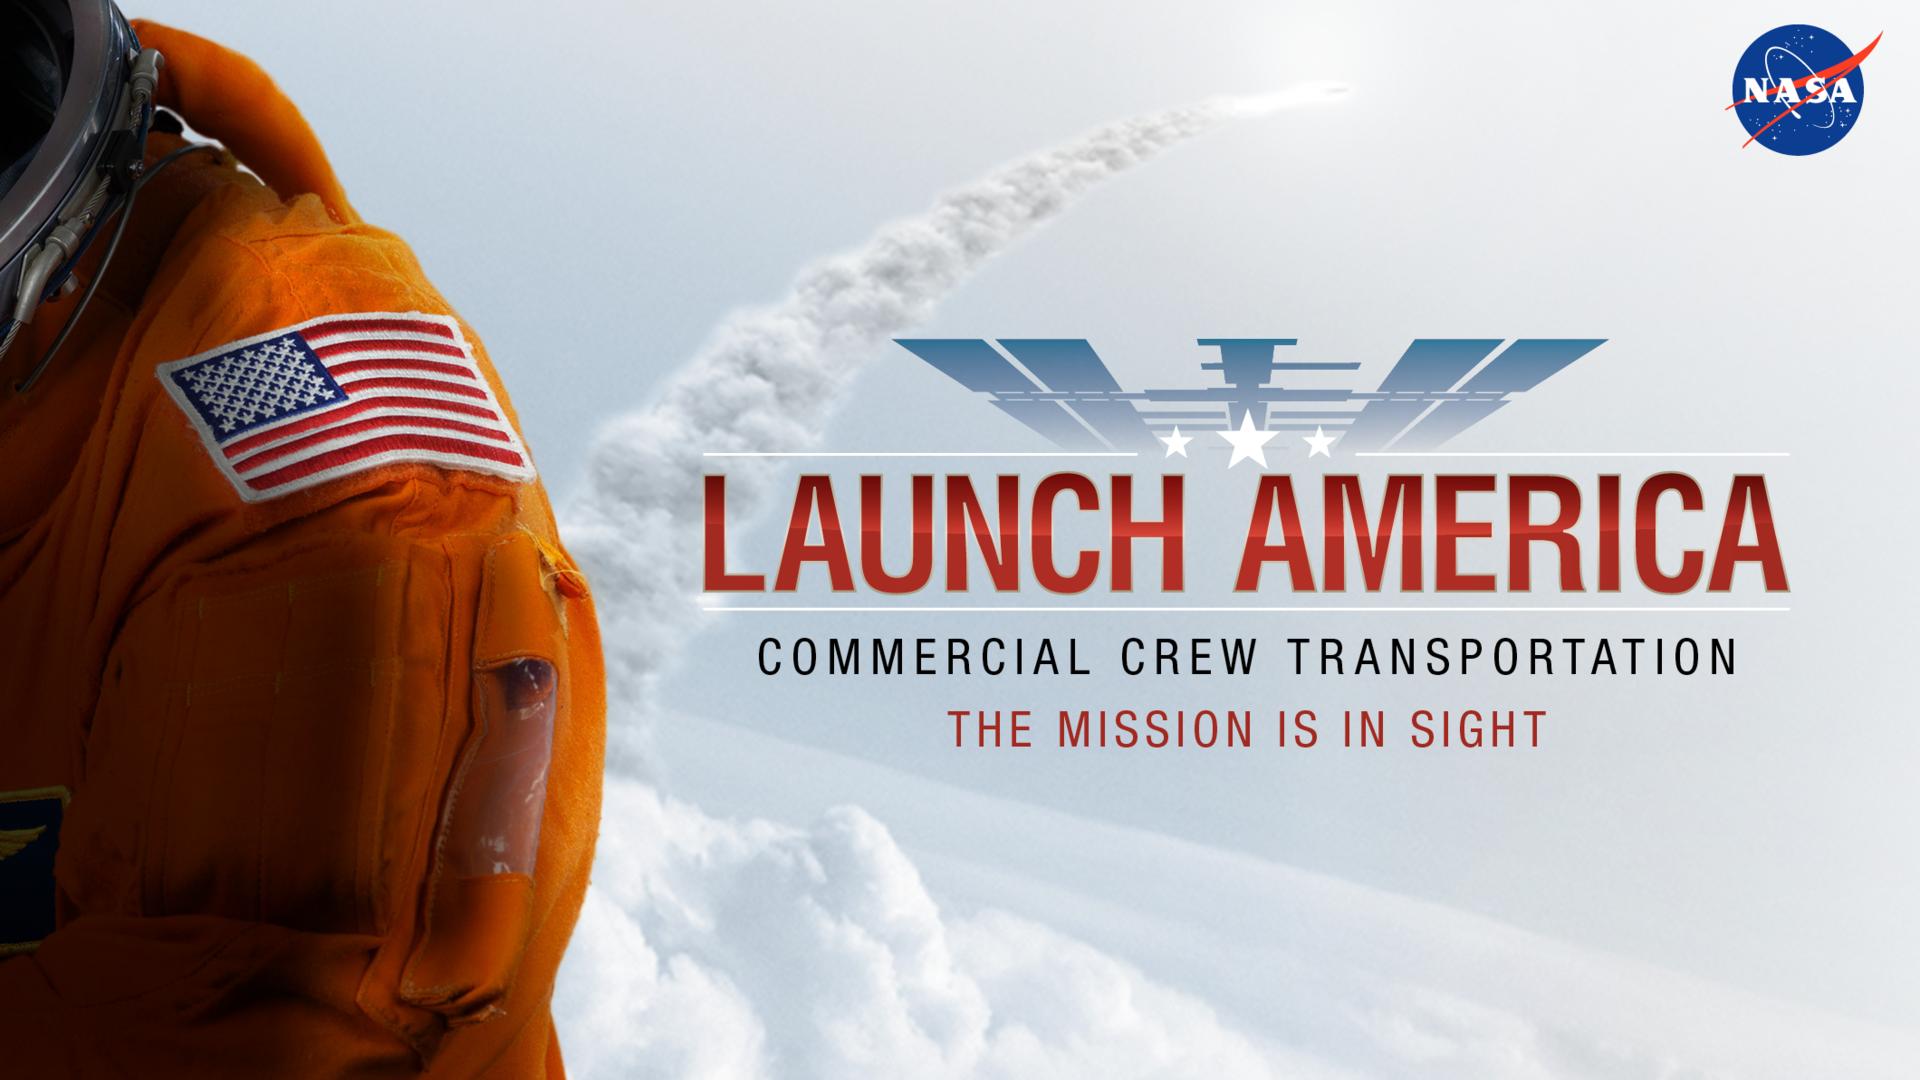 SpaceX ska skicka astronauter till ISS nästa månad